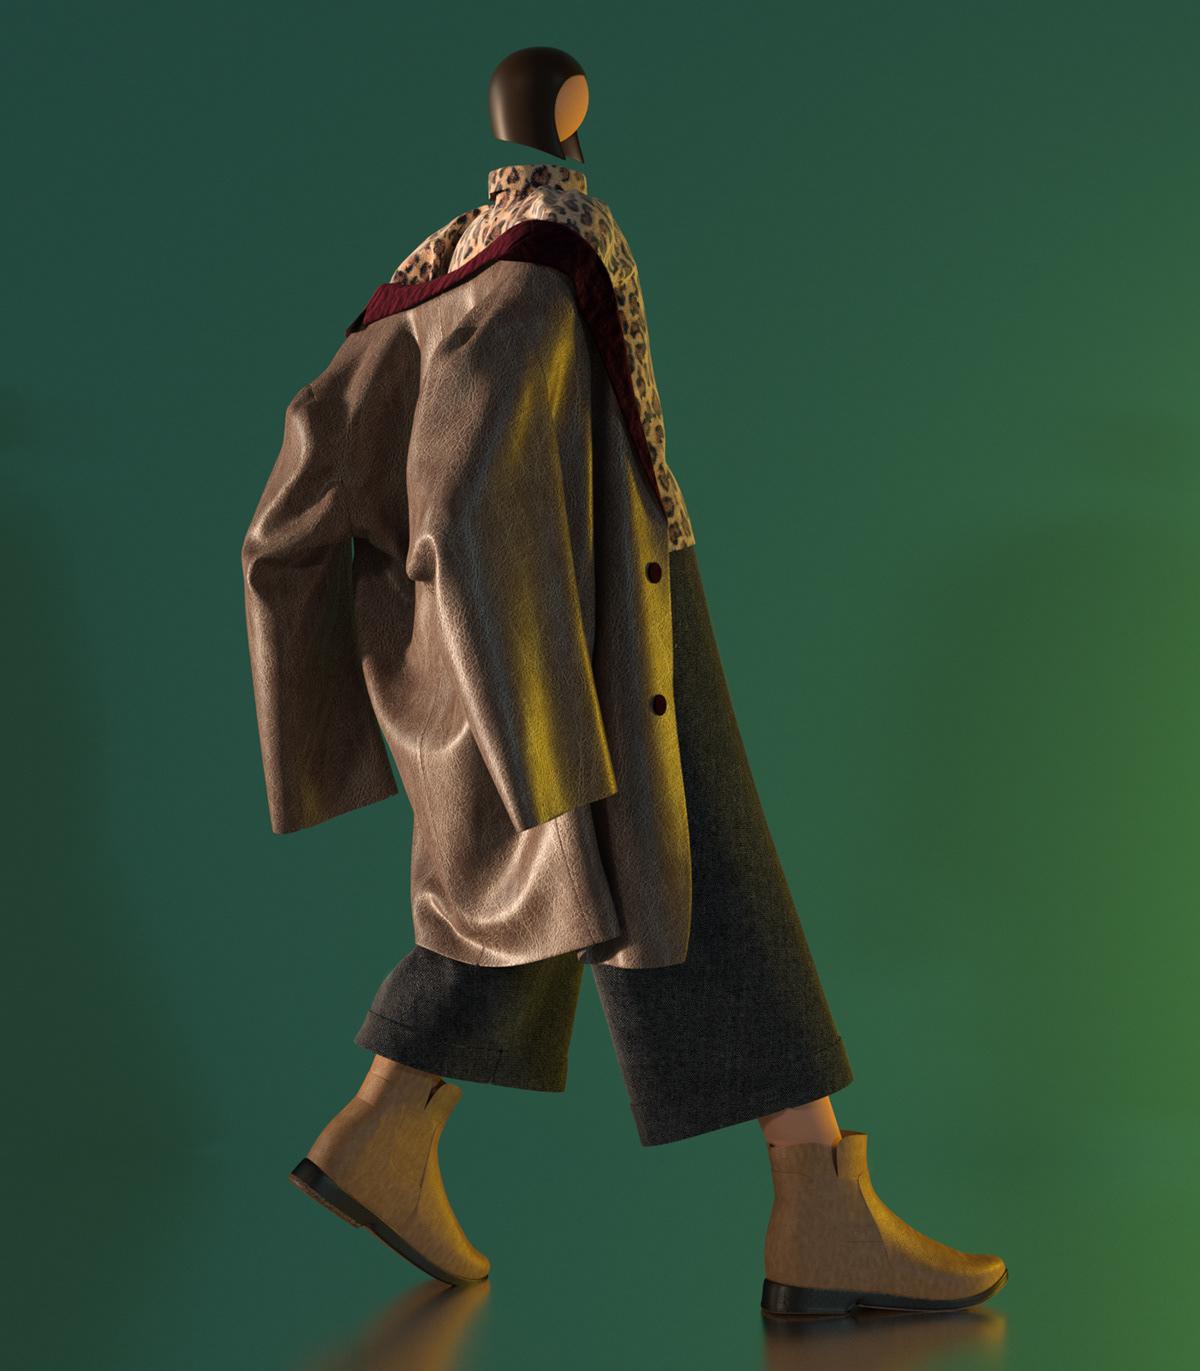 Image may contain: coat, handbag and outerwear